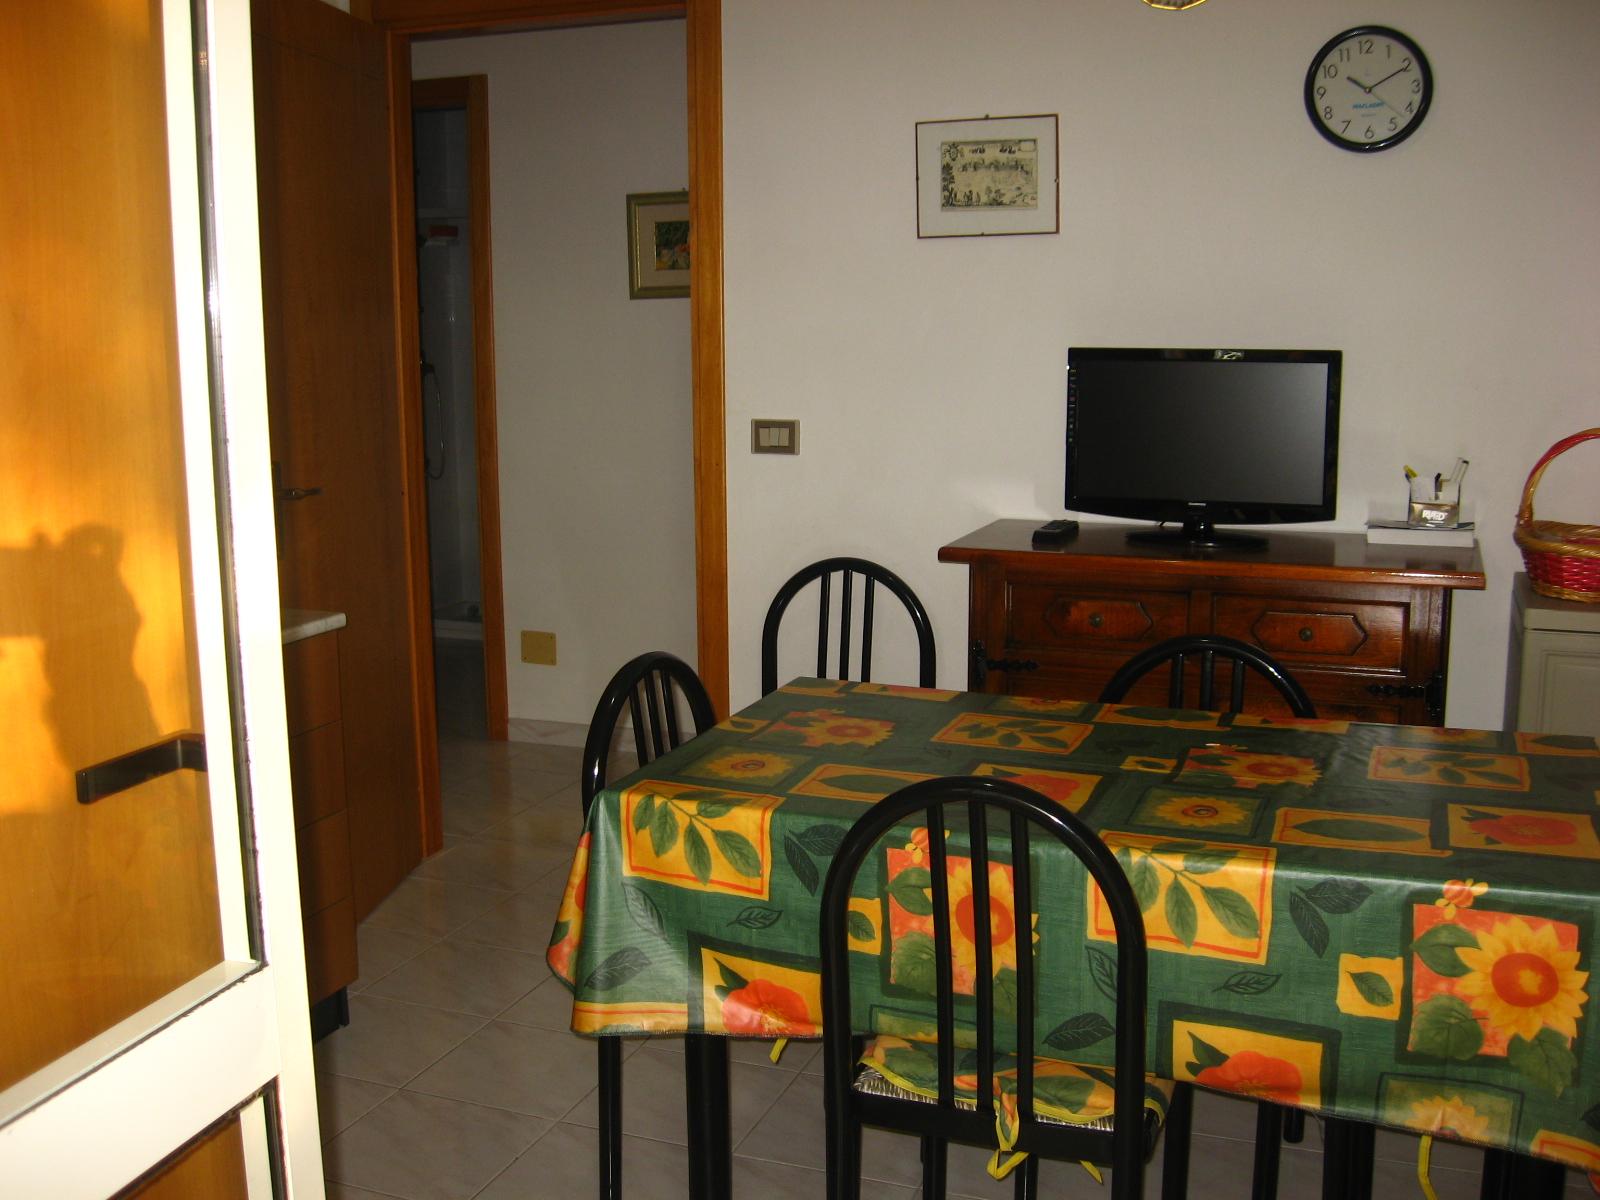 474_trilocale-pineta-rivabella_soggiorno_trilocale.jpg